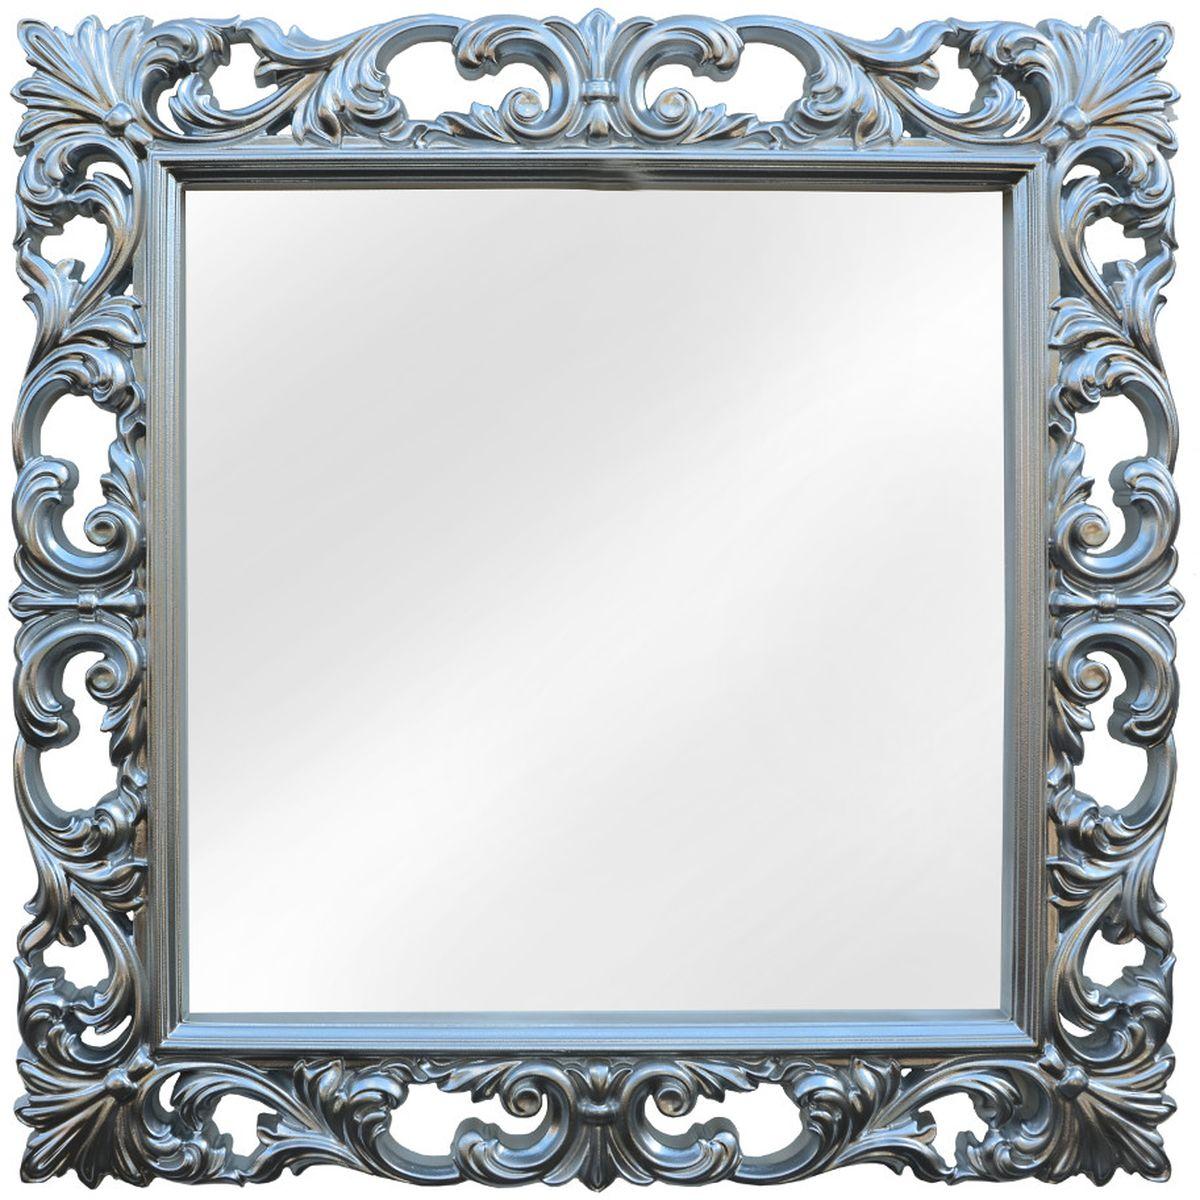 Зеркало VezzoLLi Нованто, цвет: серый металлик, 90 х 90 см25-21Подвесы в комплекте. Видимый размер зеркала 63х63 см. Ширина обрамления 13,5 см.